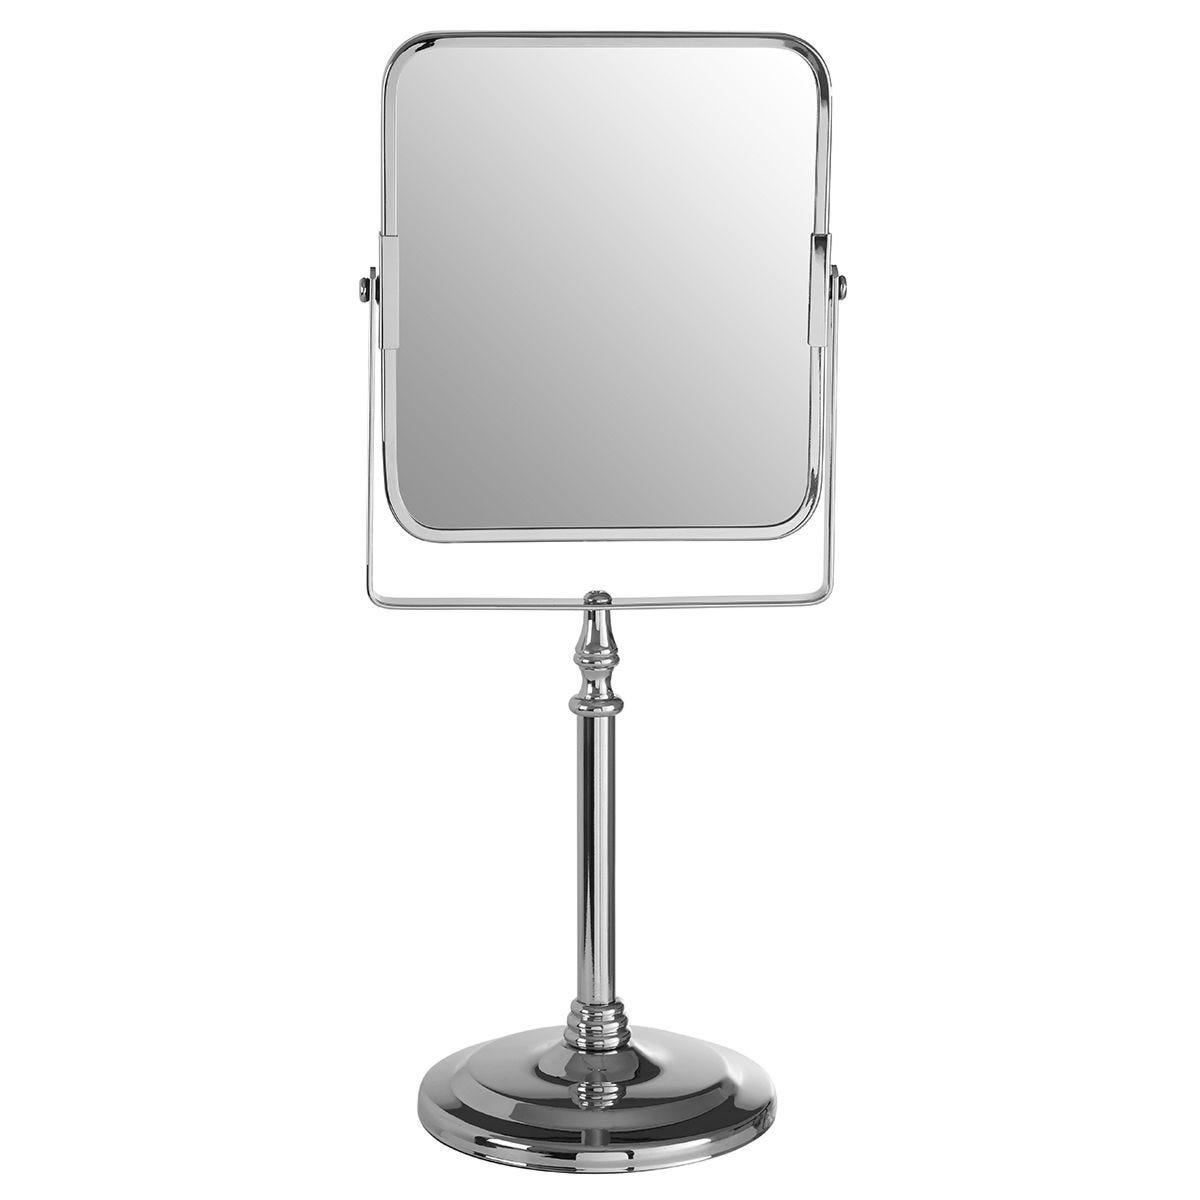 Premier Housewares Large Cassini Square Table Mirror